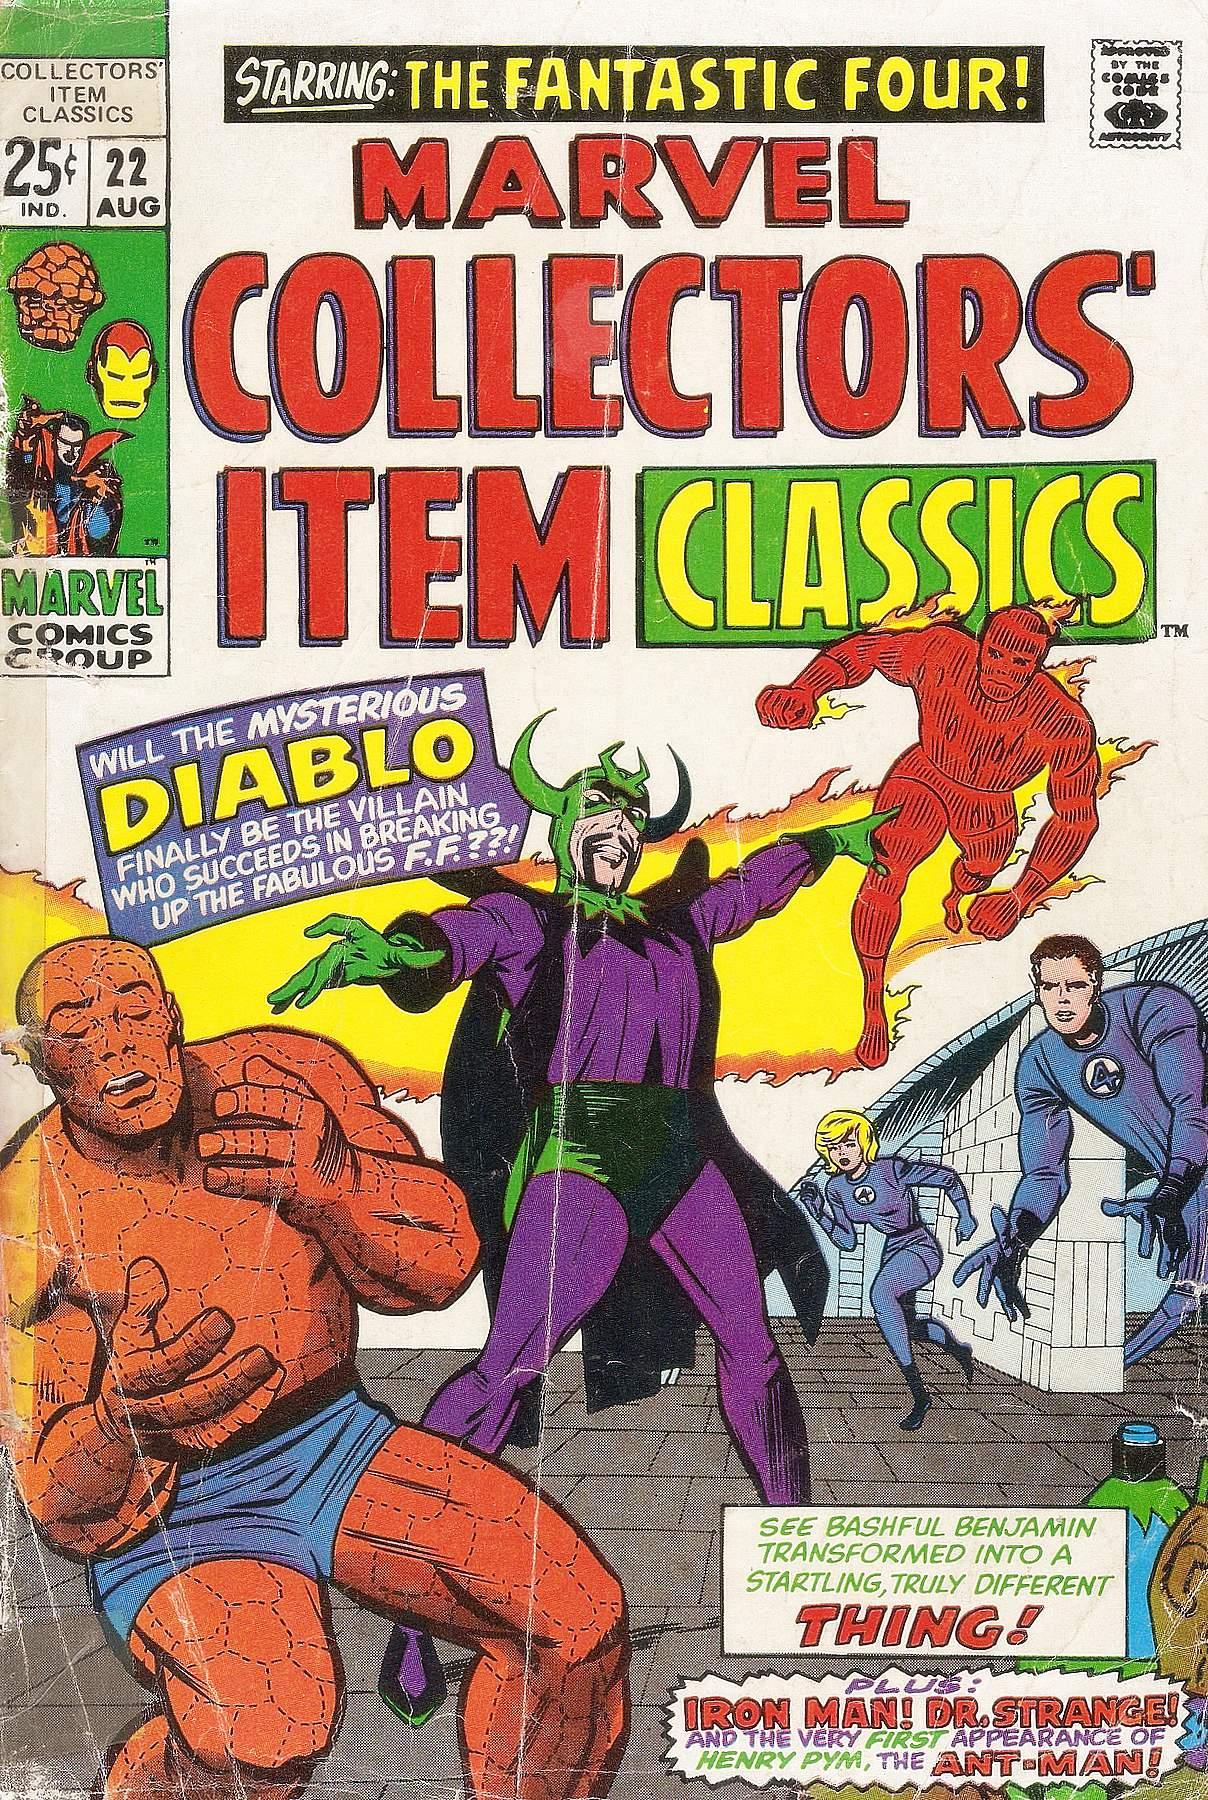 Marvel Collectors Item Classics 22 Page 1